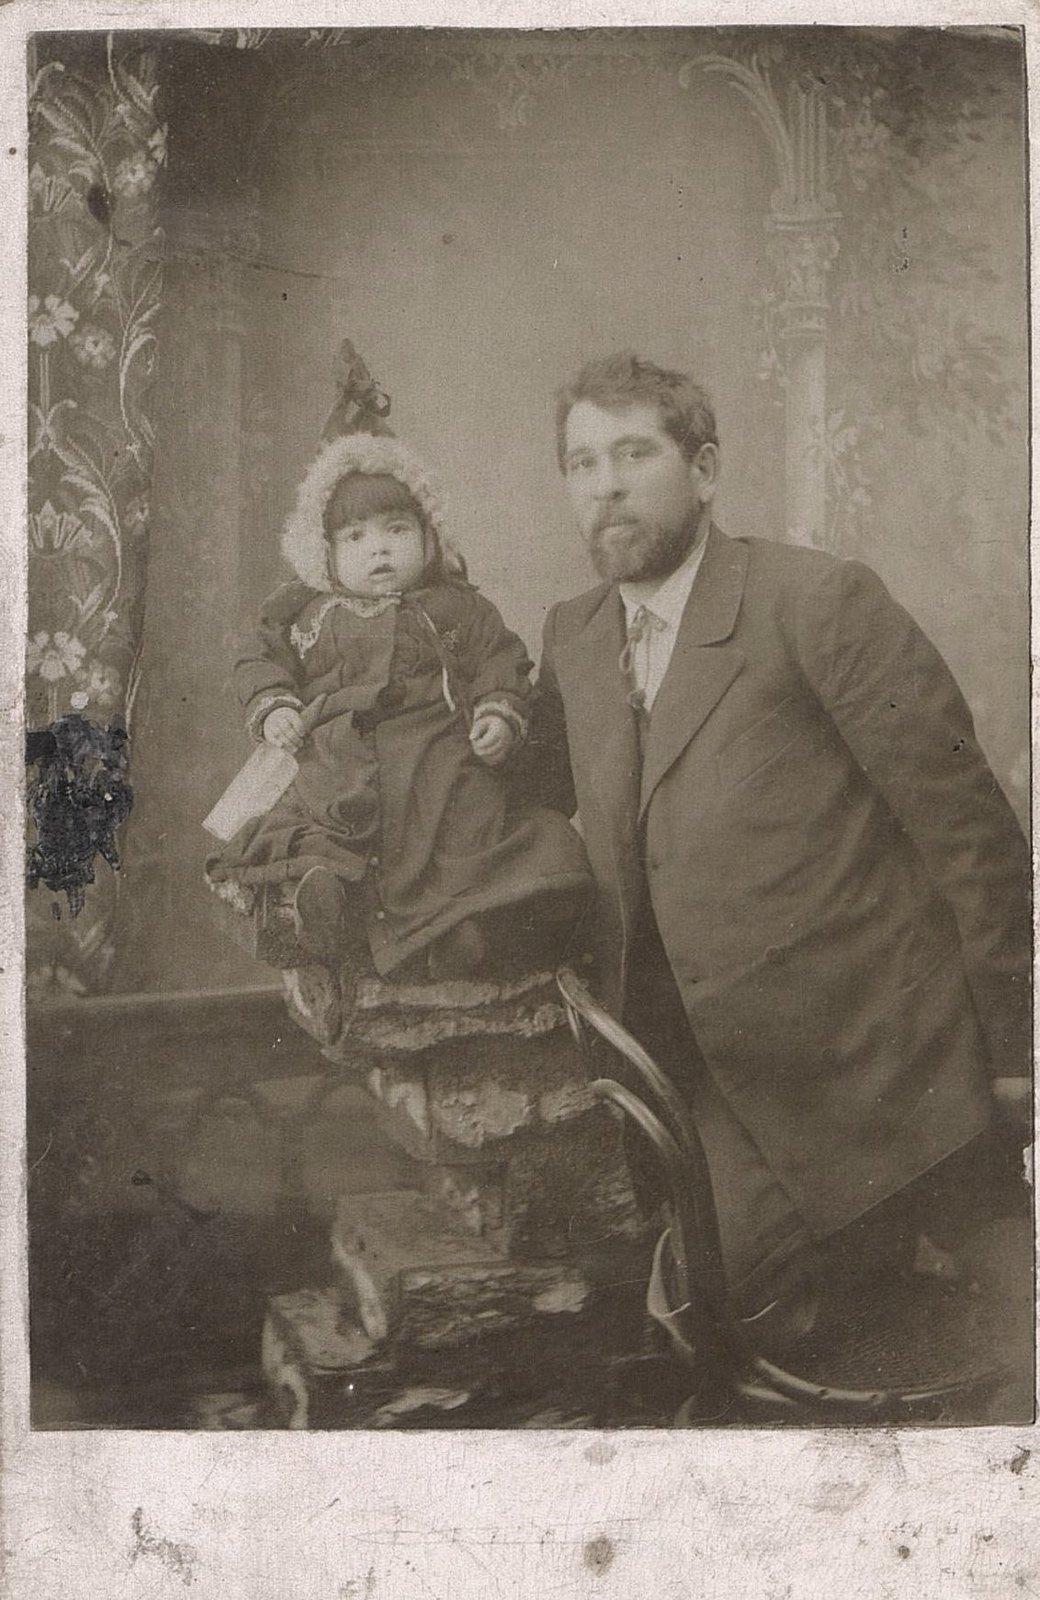 04. Лазовский И.А. с племянницей Федосией. 1 октября 1902